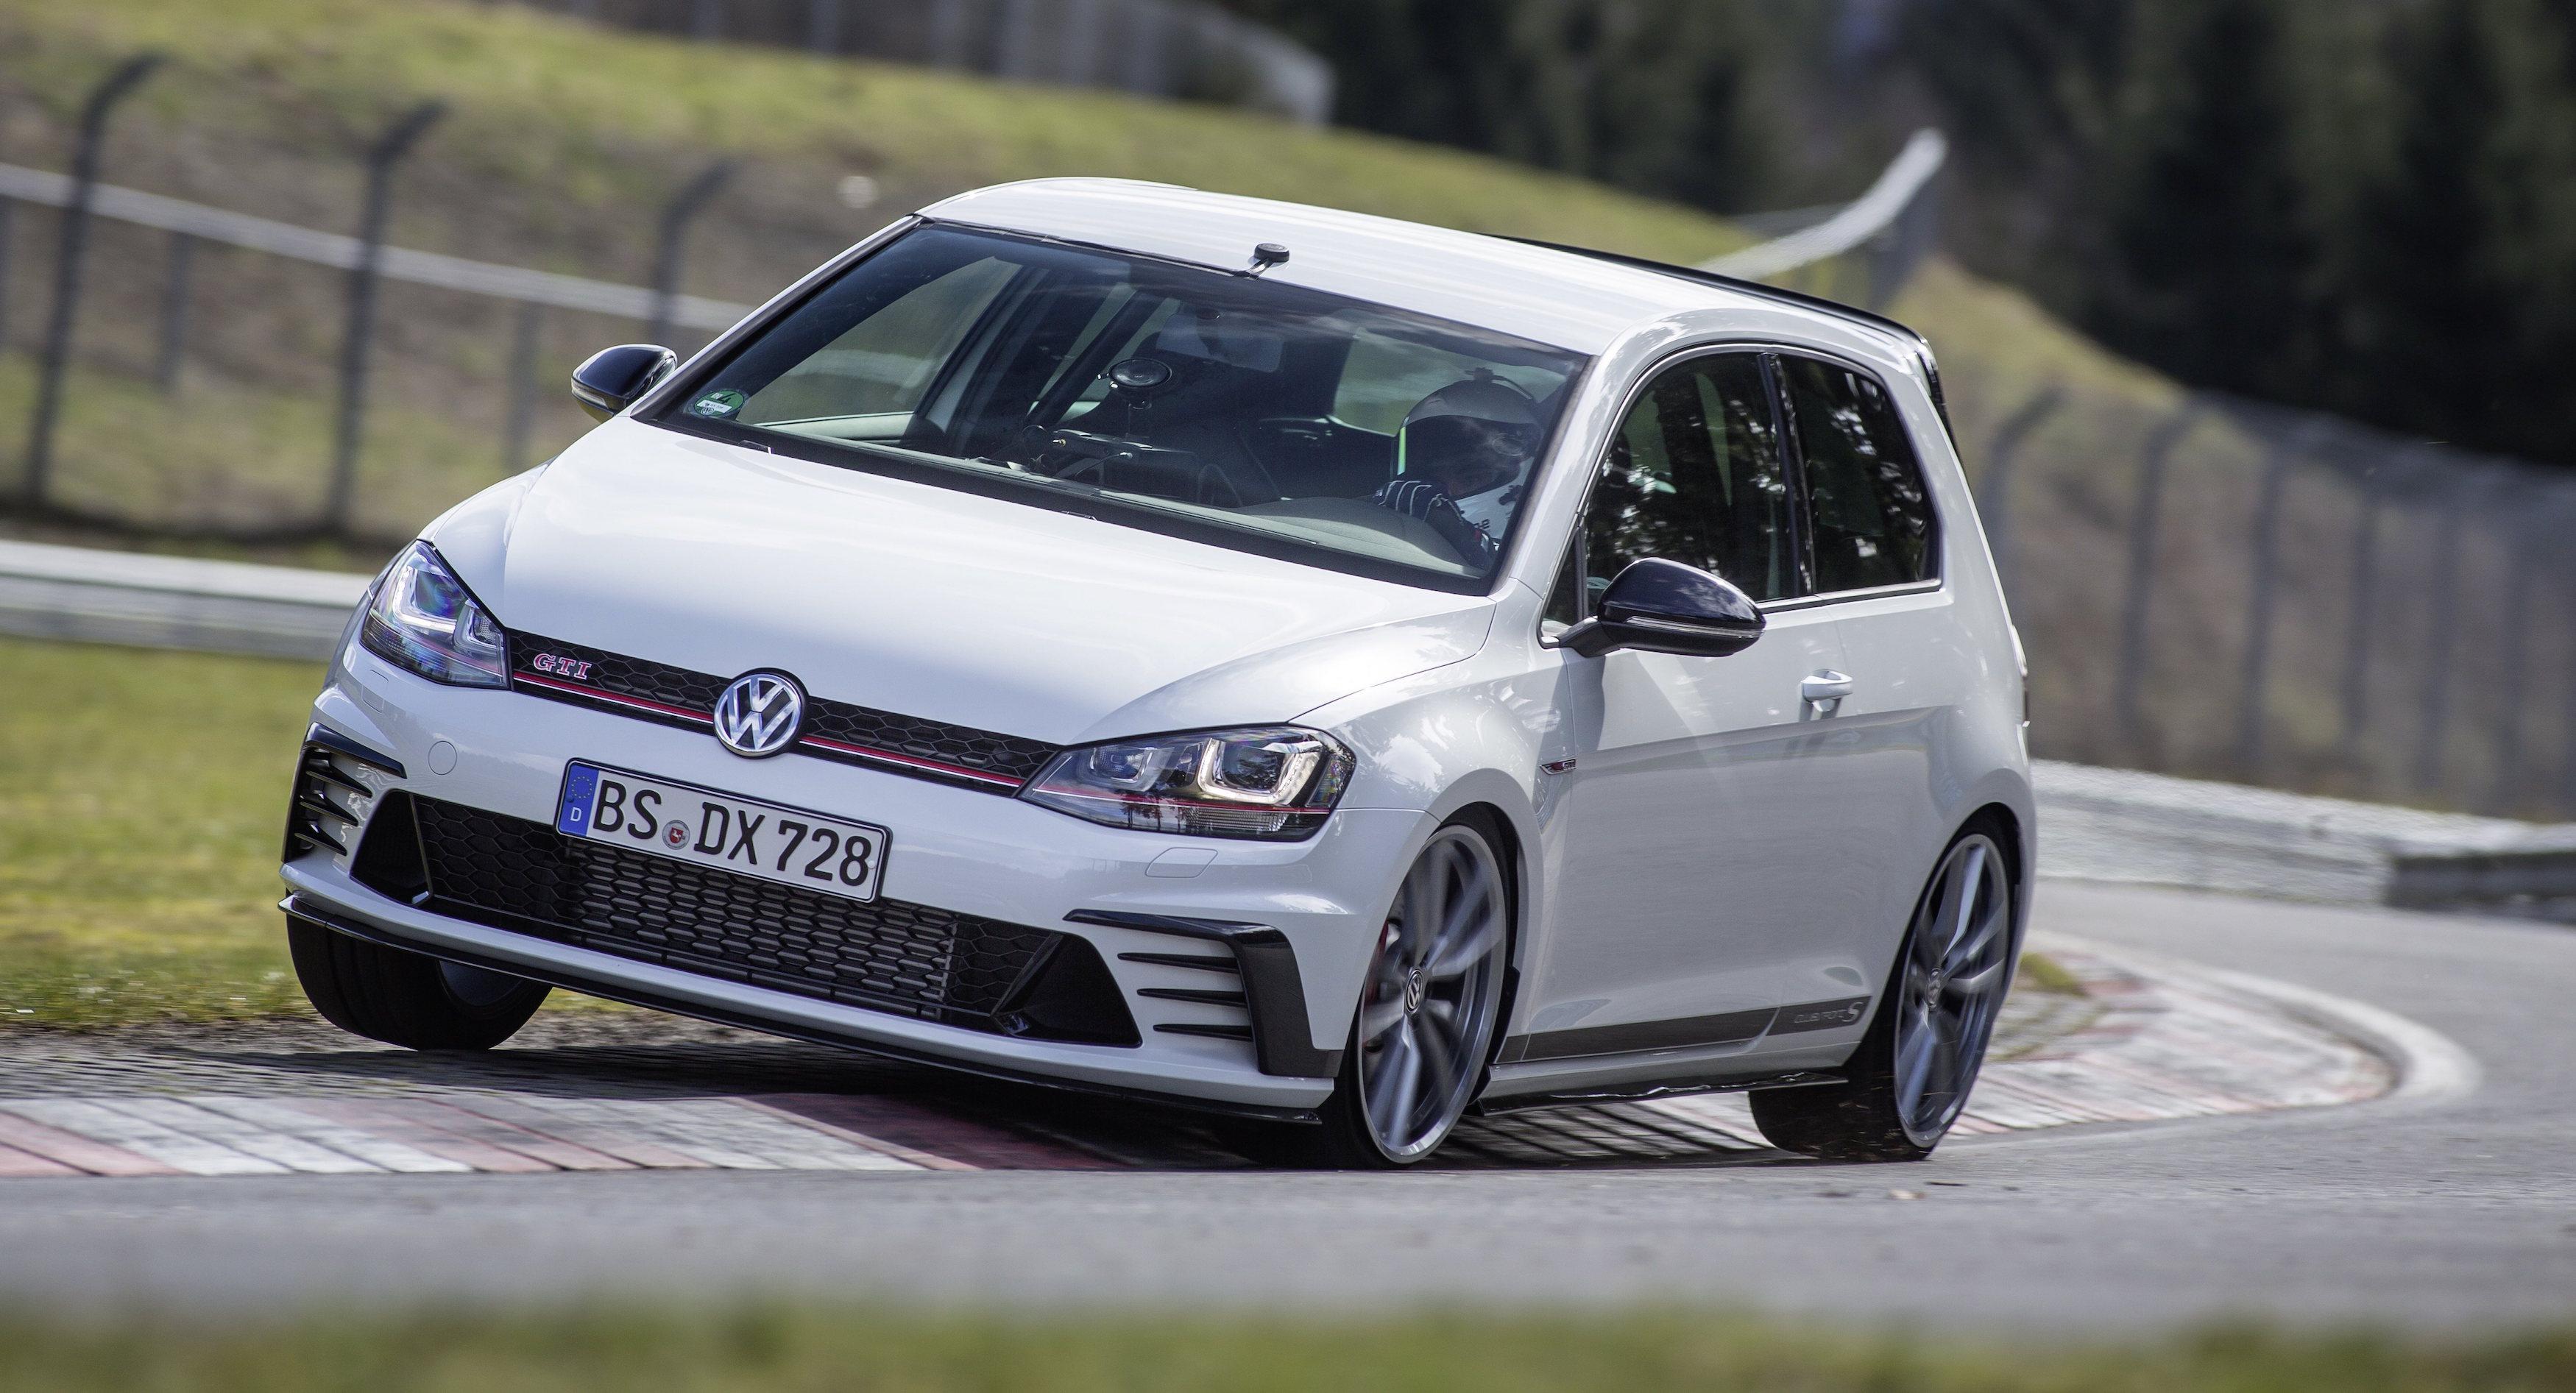 Volkswagen Golf GTI – new car under $25,000